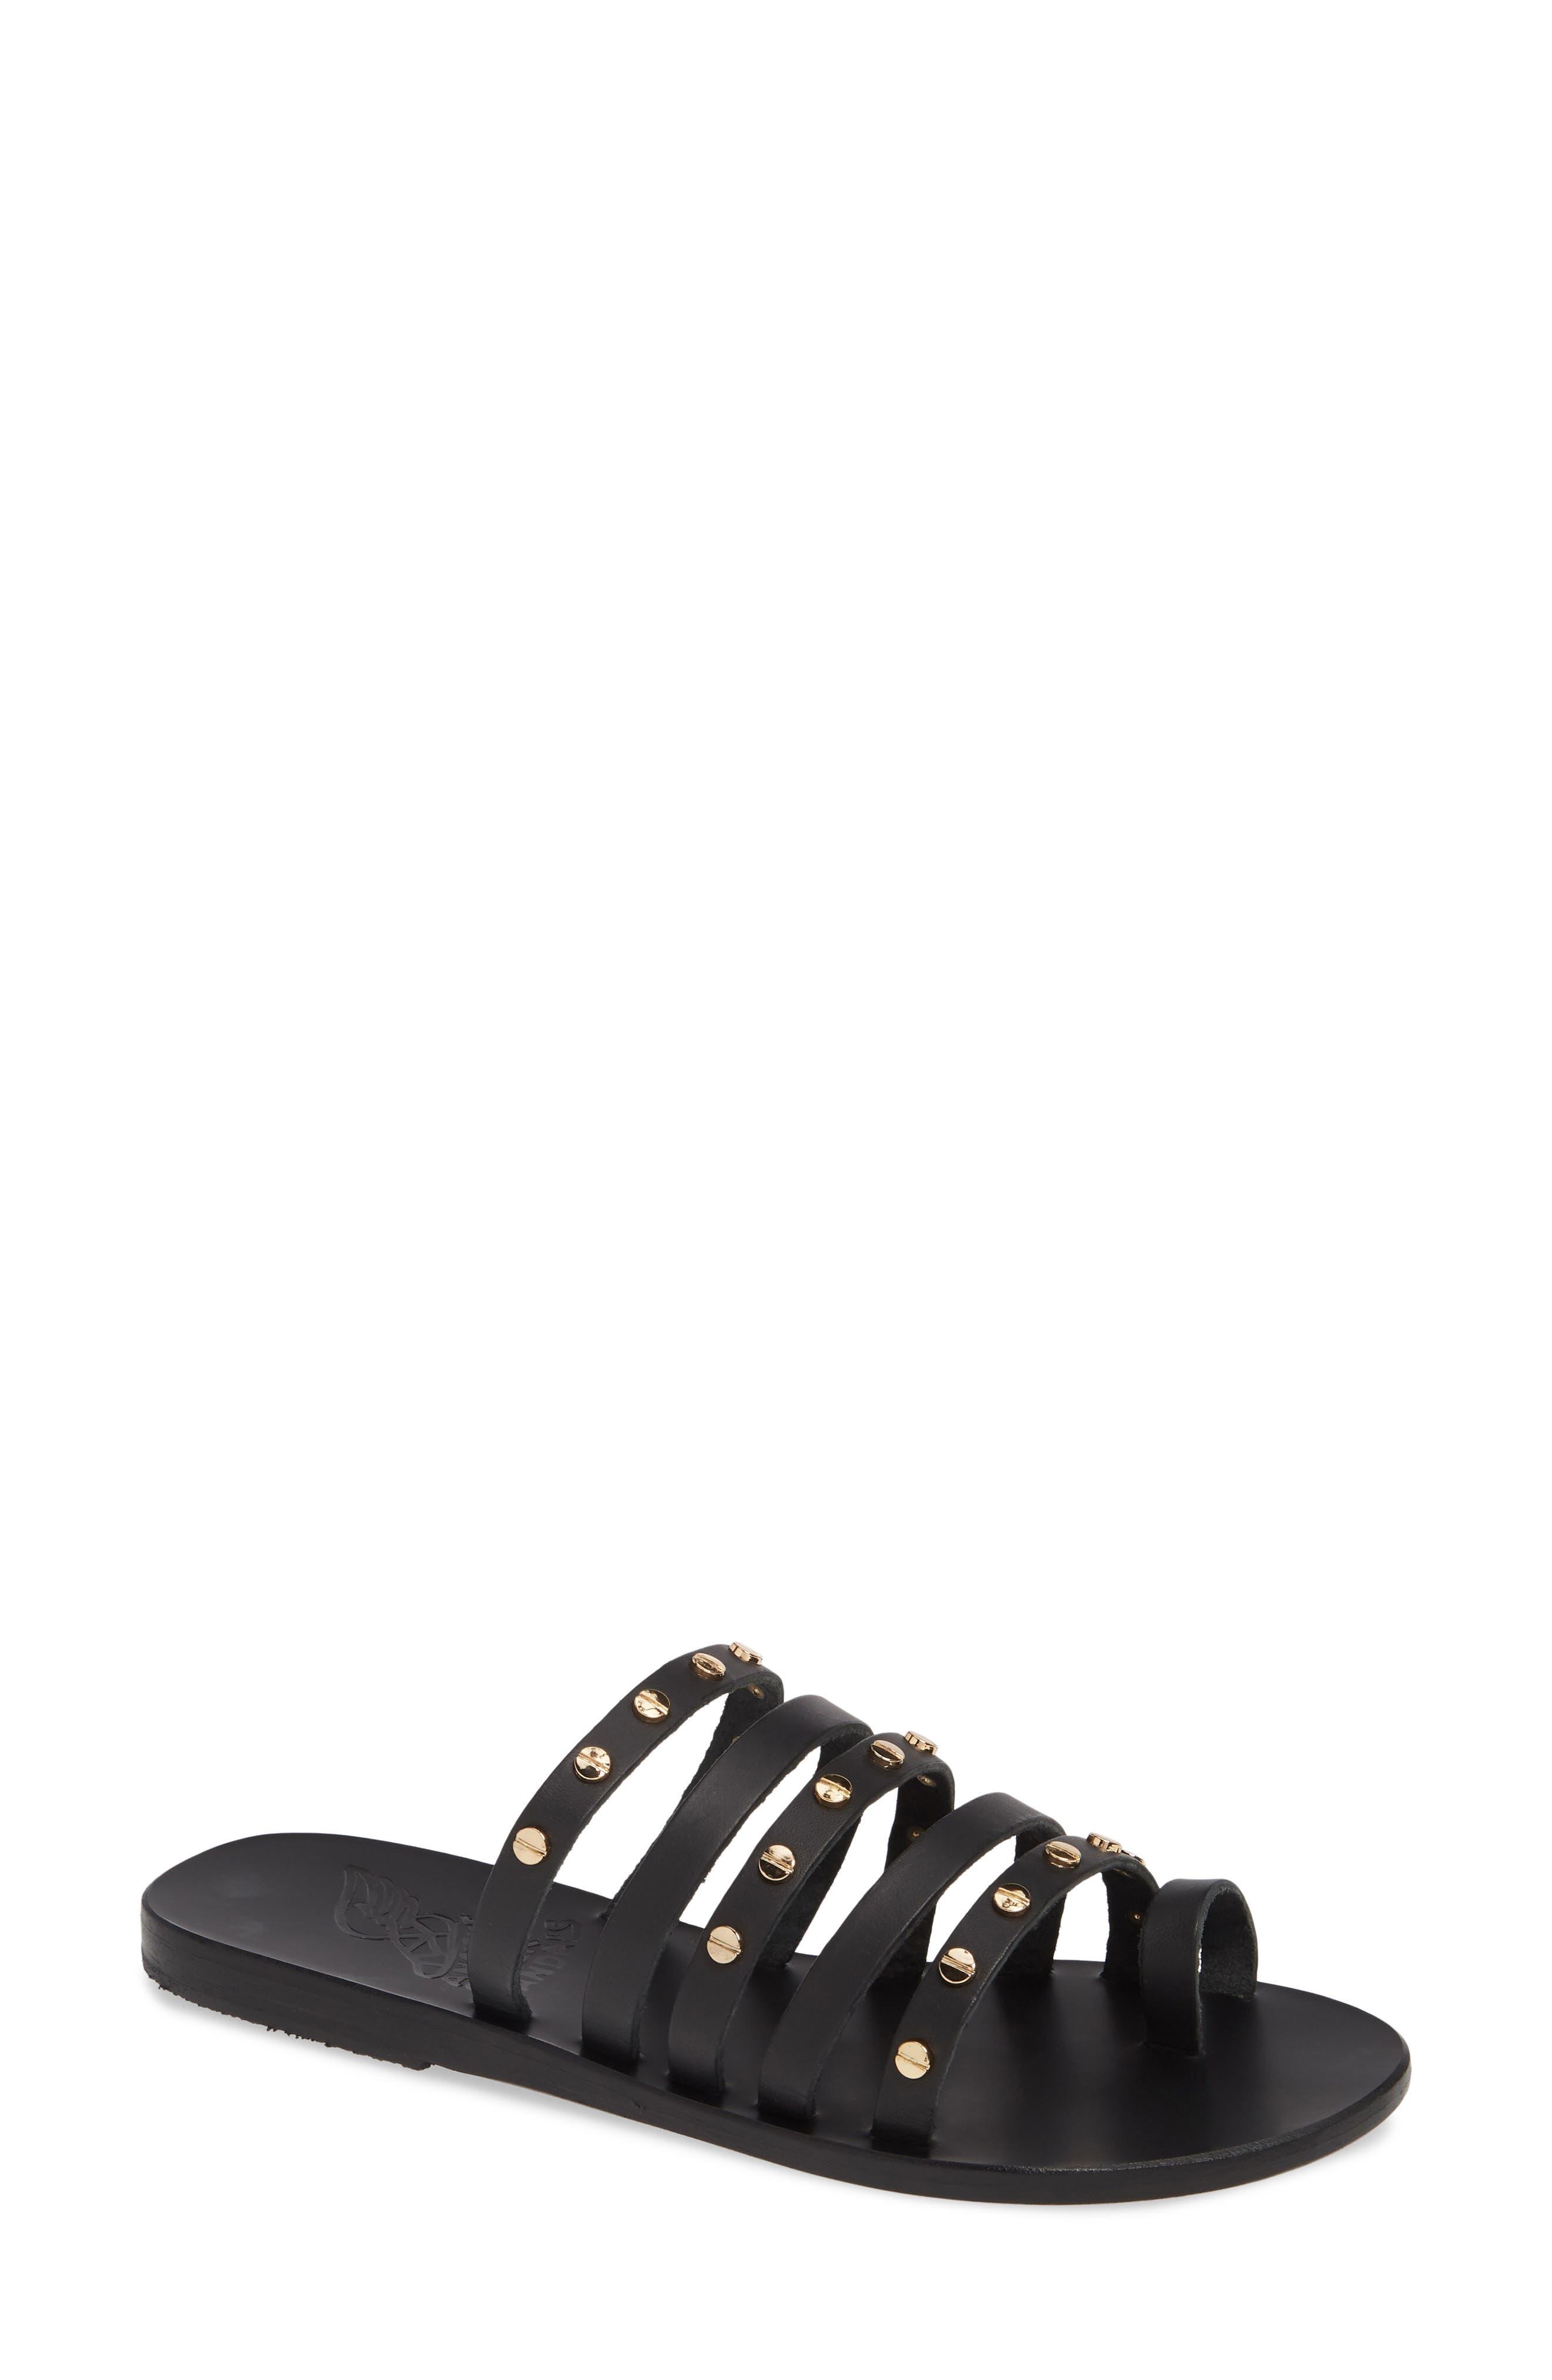 Niki Nails Sandal, Main, color, BLACK